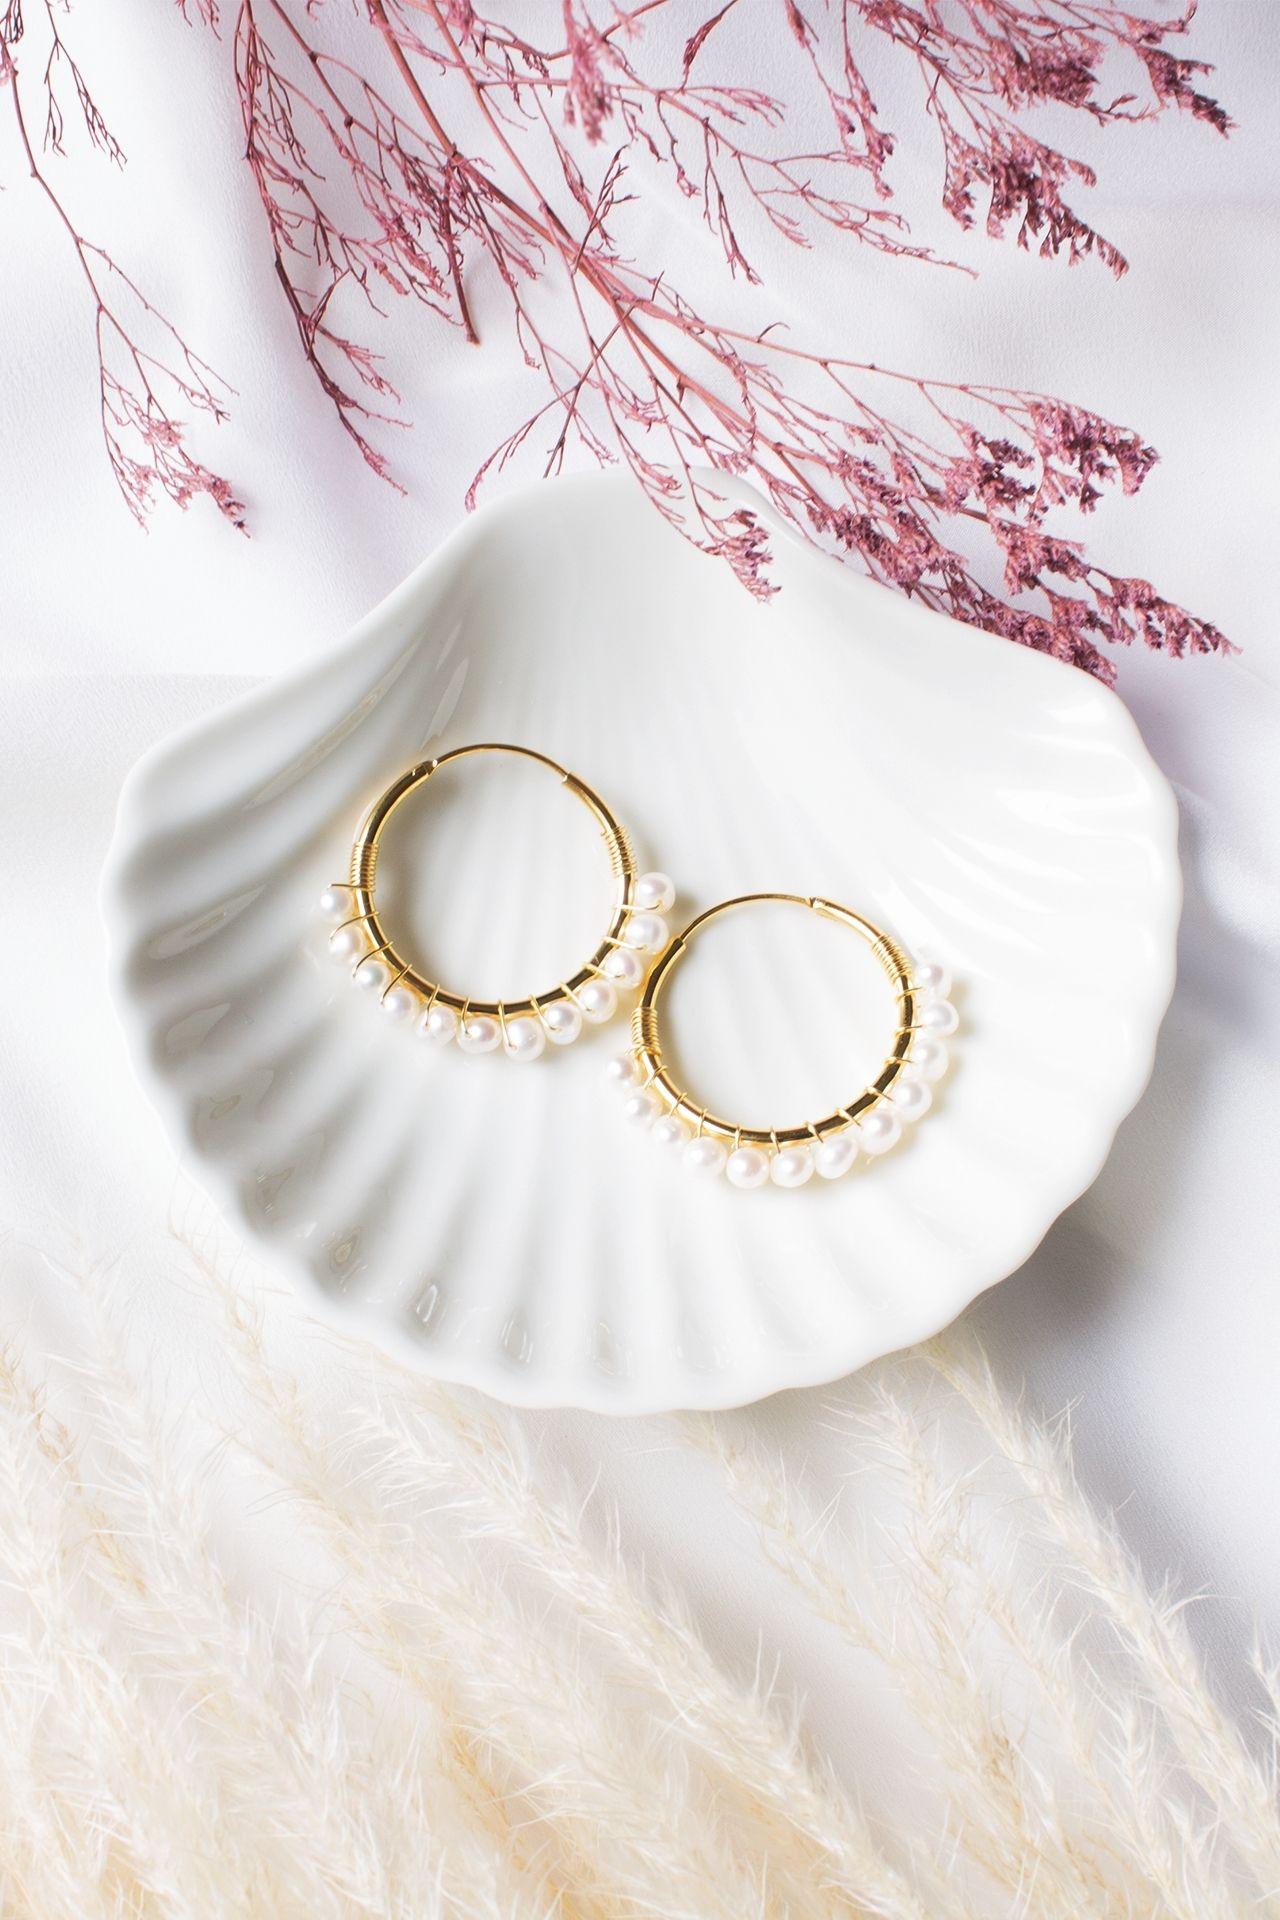 Descripción: Argollas con perlas de rio.  Material: Acero  Diametro: 3.5cm